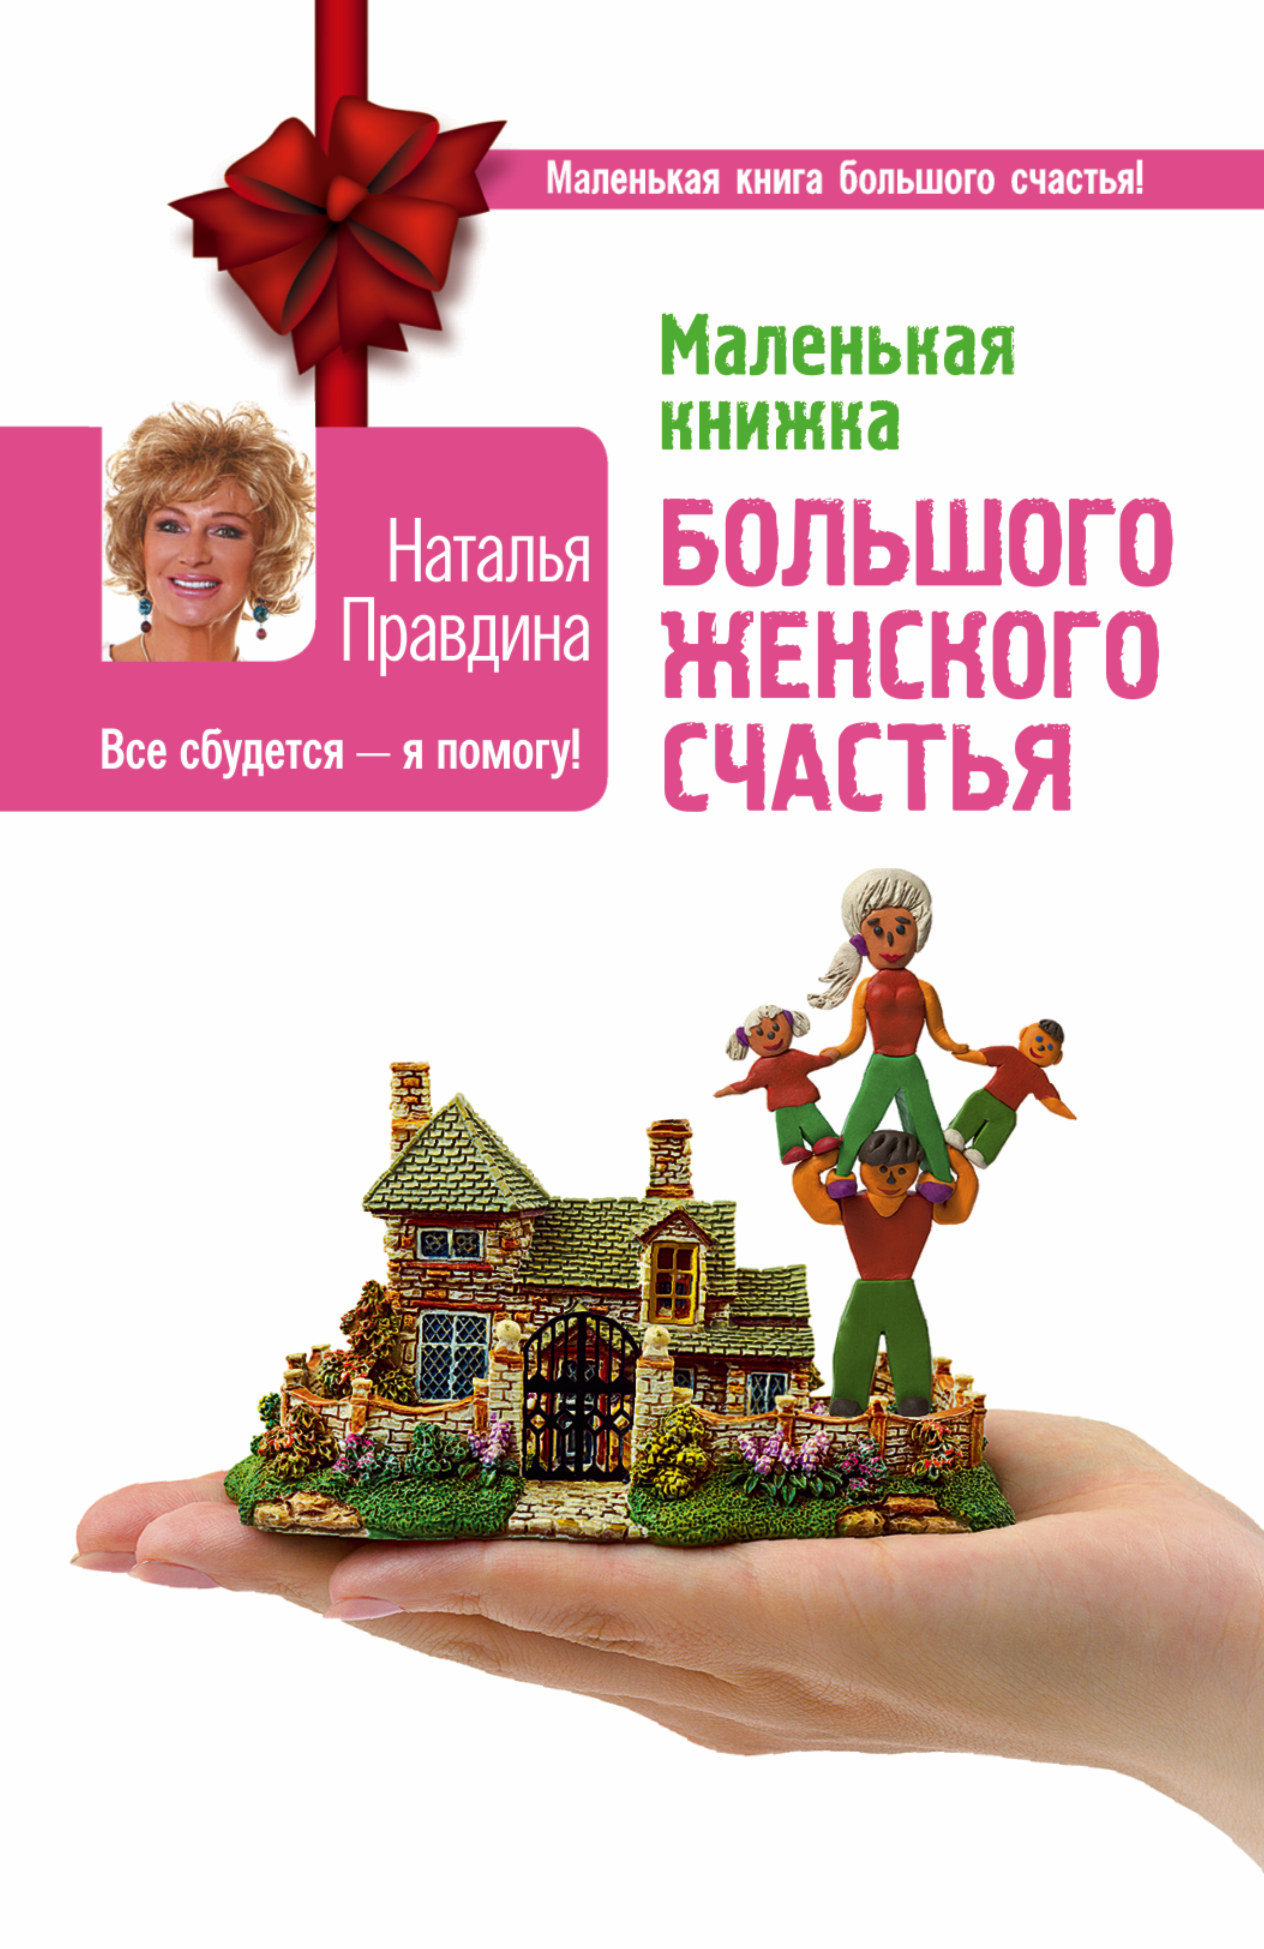 Маленькая книжка большого женского счастья. Все сбудется – я помогу! читать